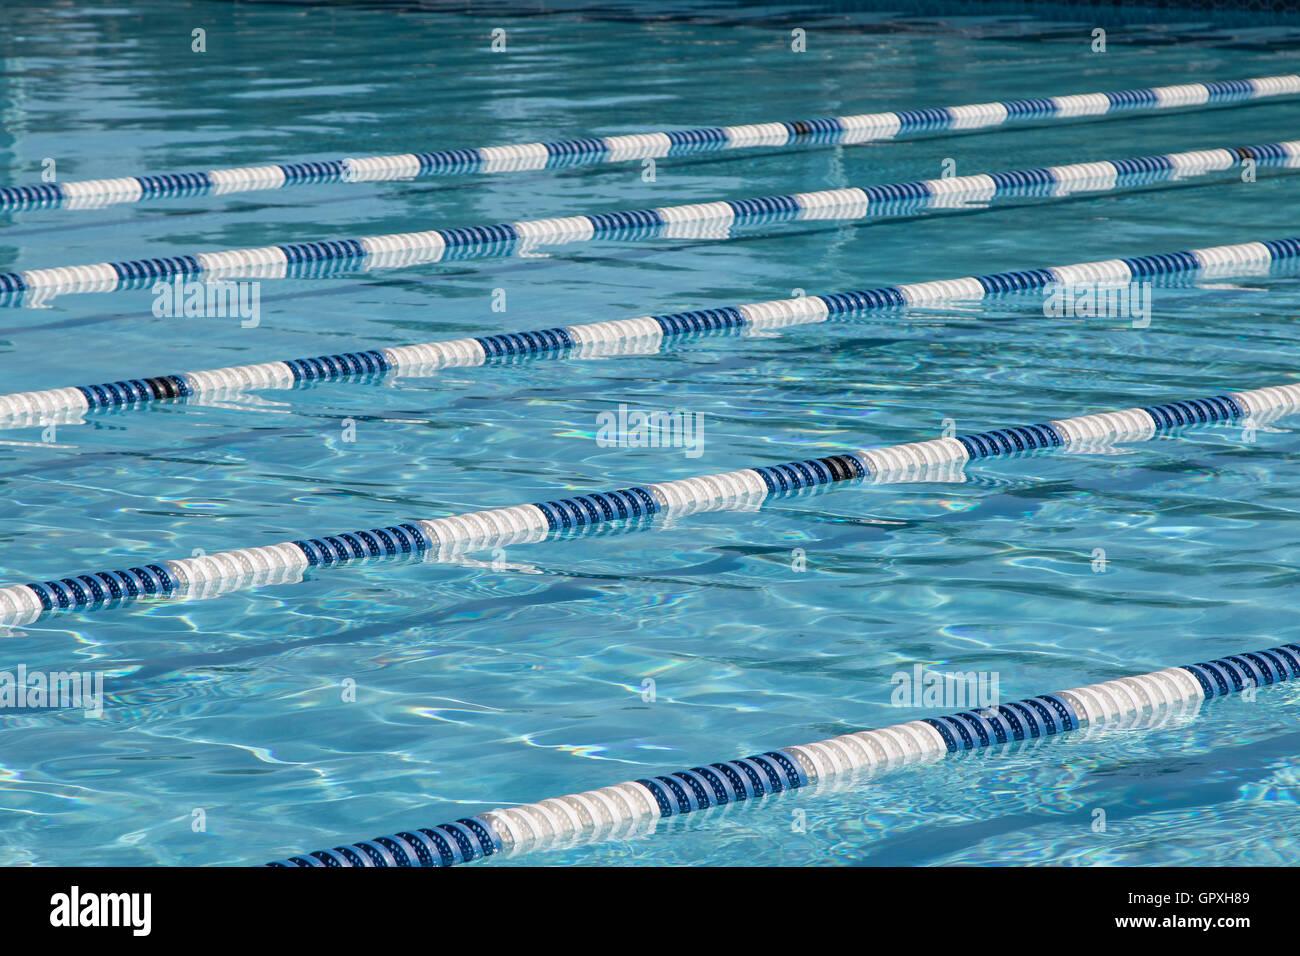 Swimming Pool Lanes Stock Photos Amp Swimming Pool Lanes